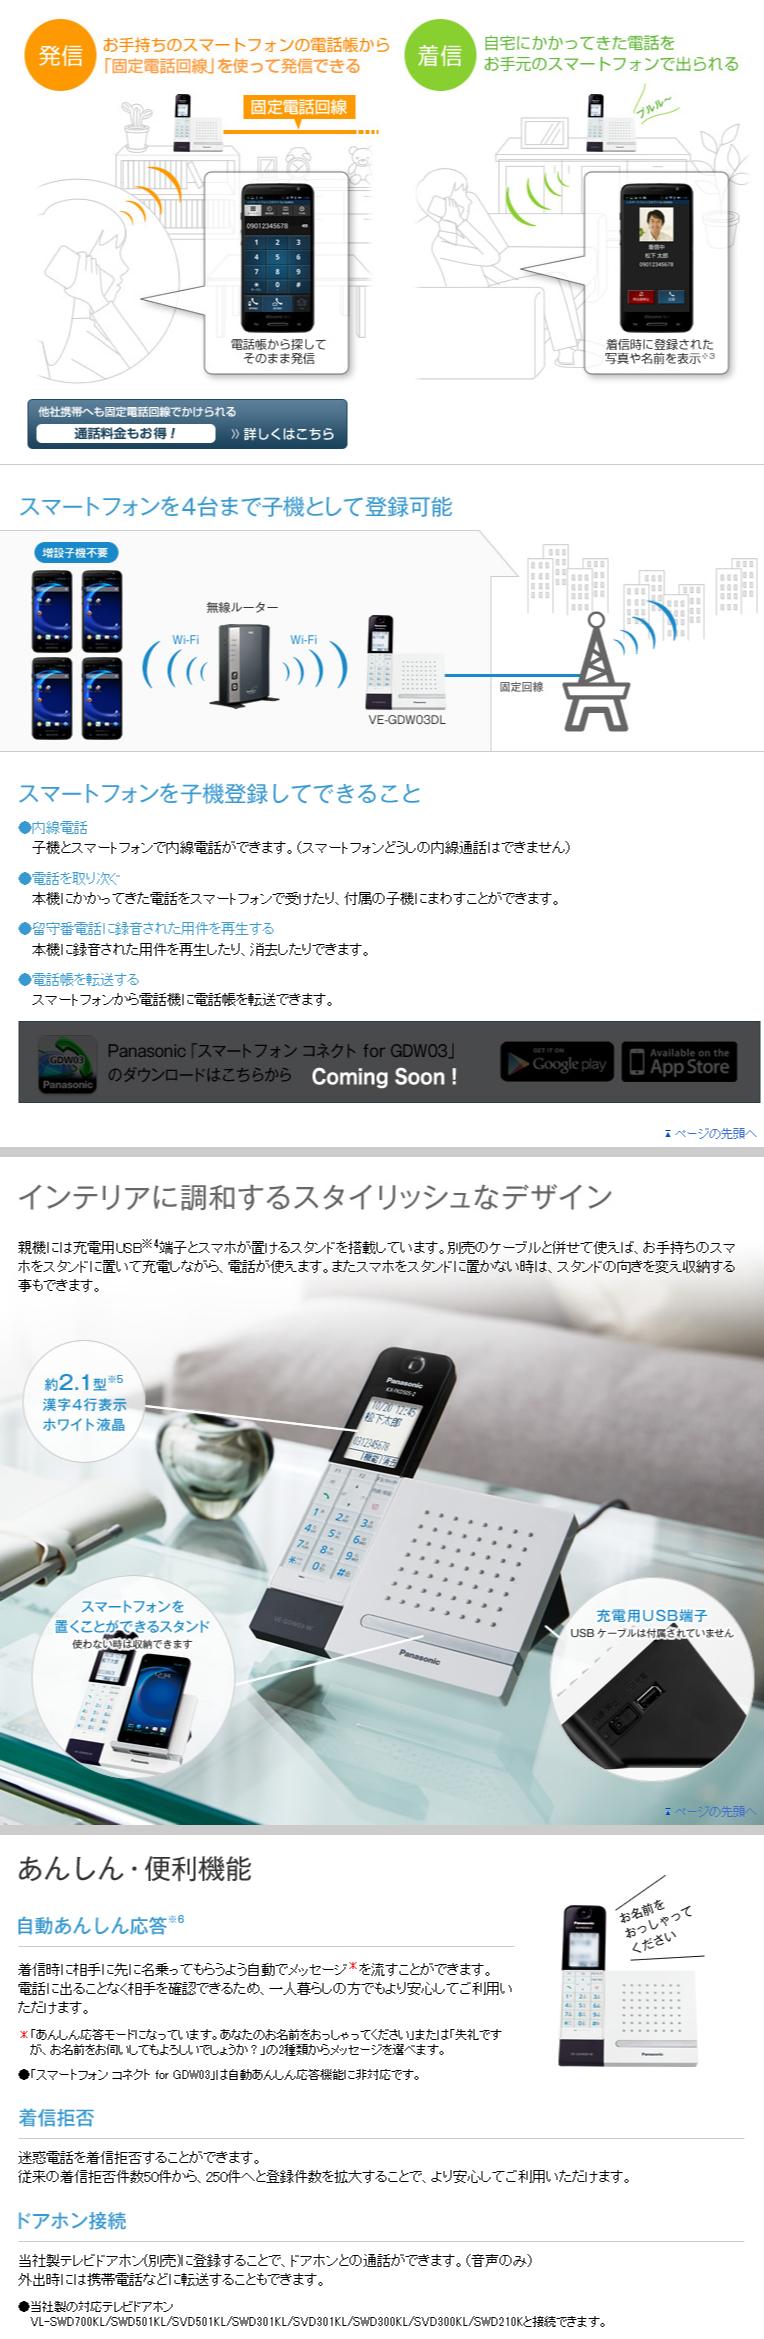 VE-GDW03DL電話機Panasonic